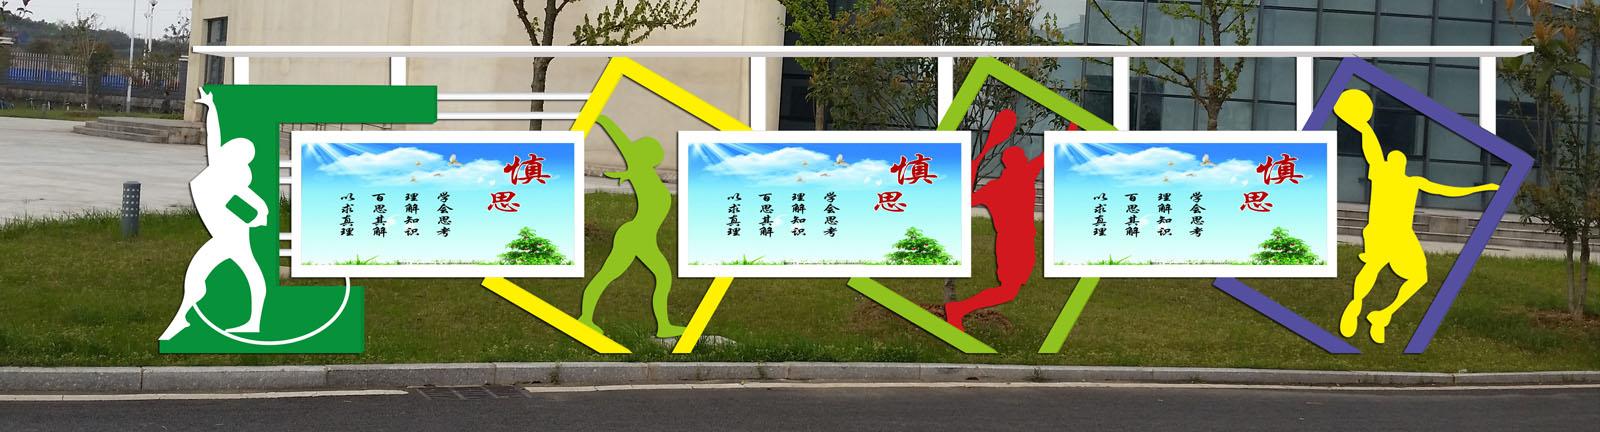 衡阳公交候车亭